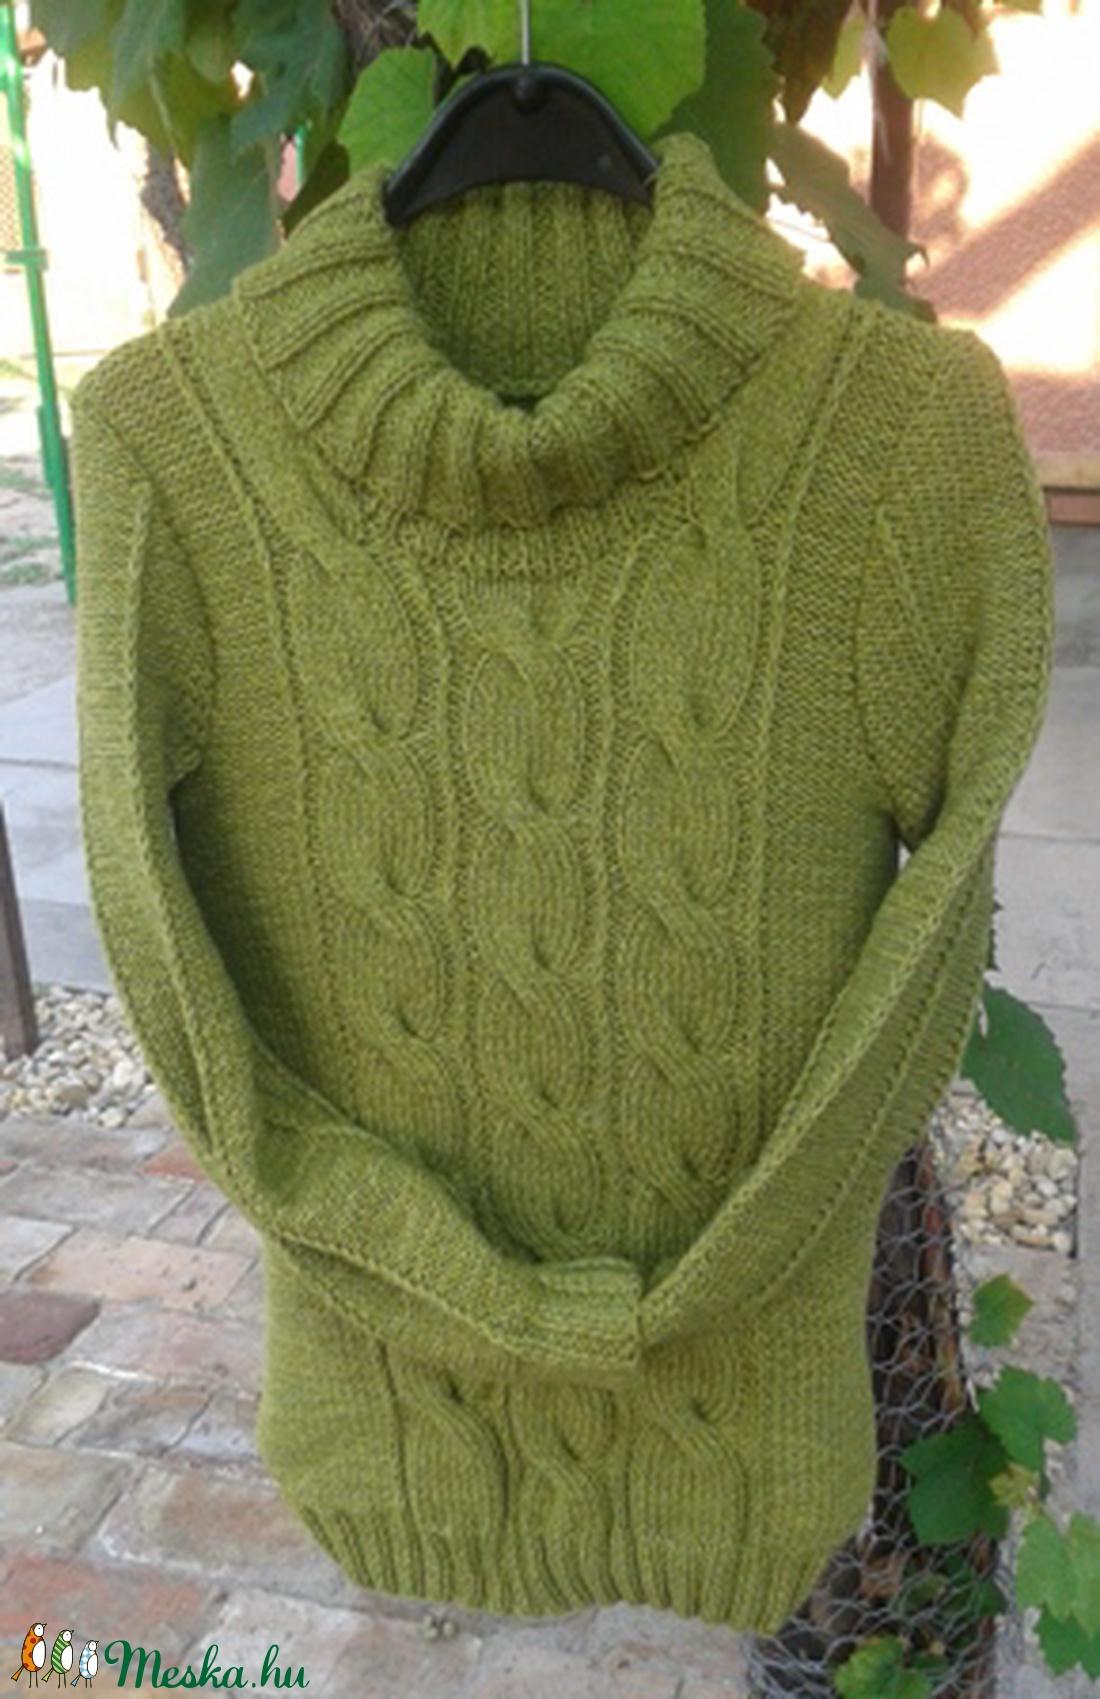 Kézzel kötött zöld pulóver (KreaCsilla) - Meska.hu 130e68c4f2